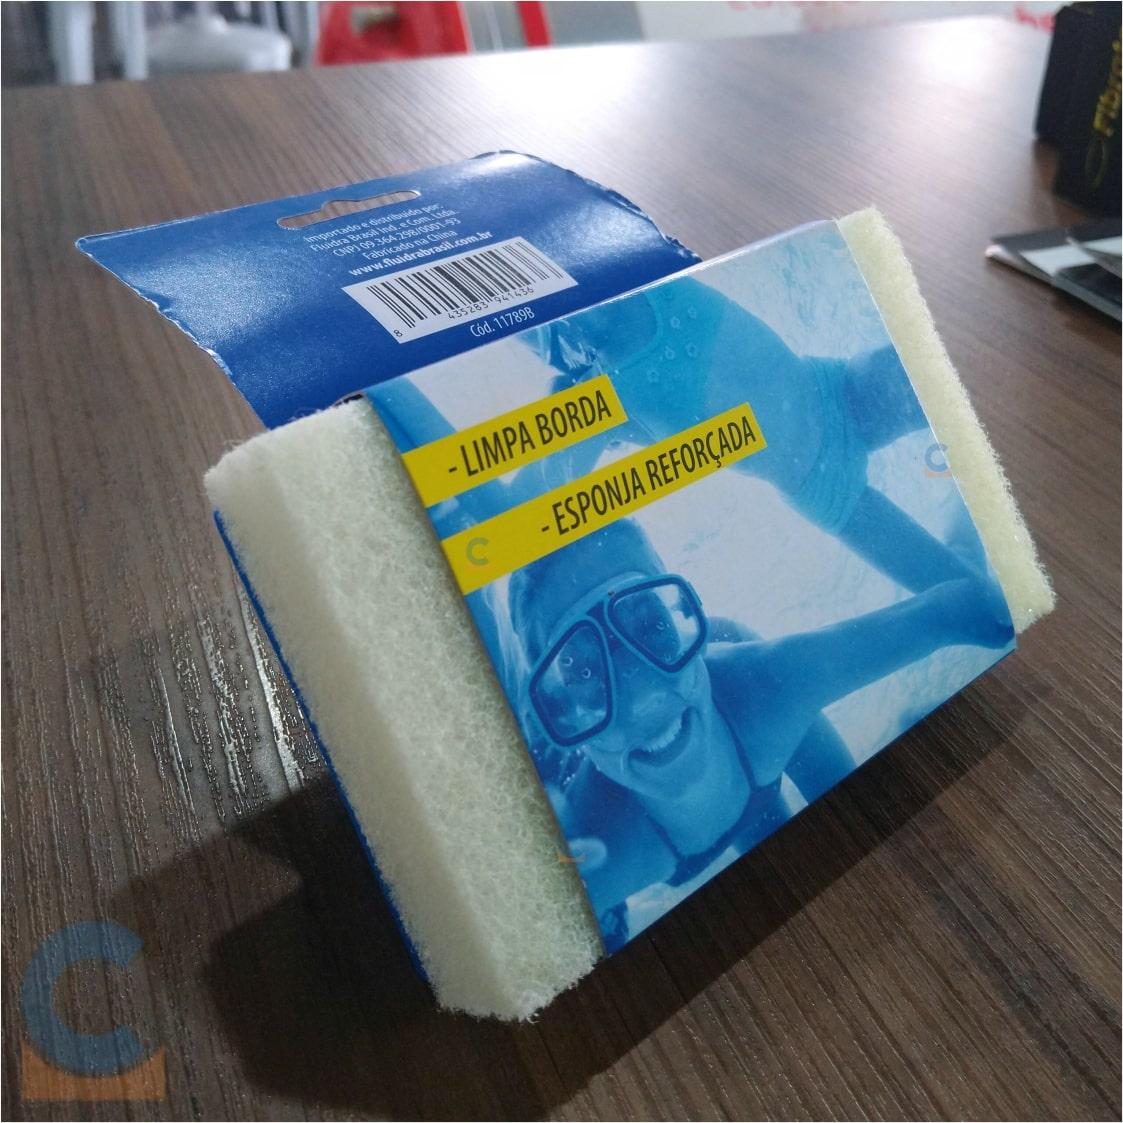 Escova / Esponja Com Cabo Reforçado - Limpa Borda Para Piscinas